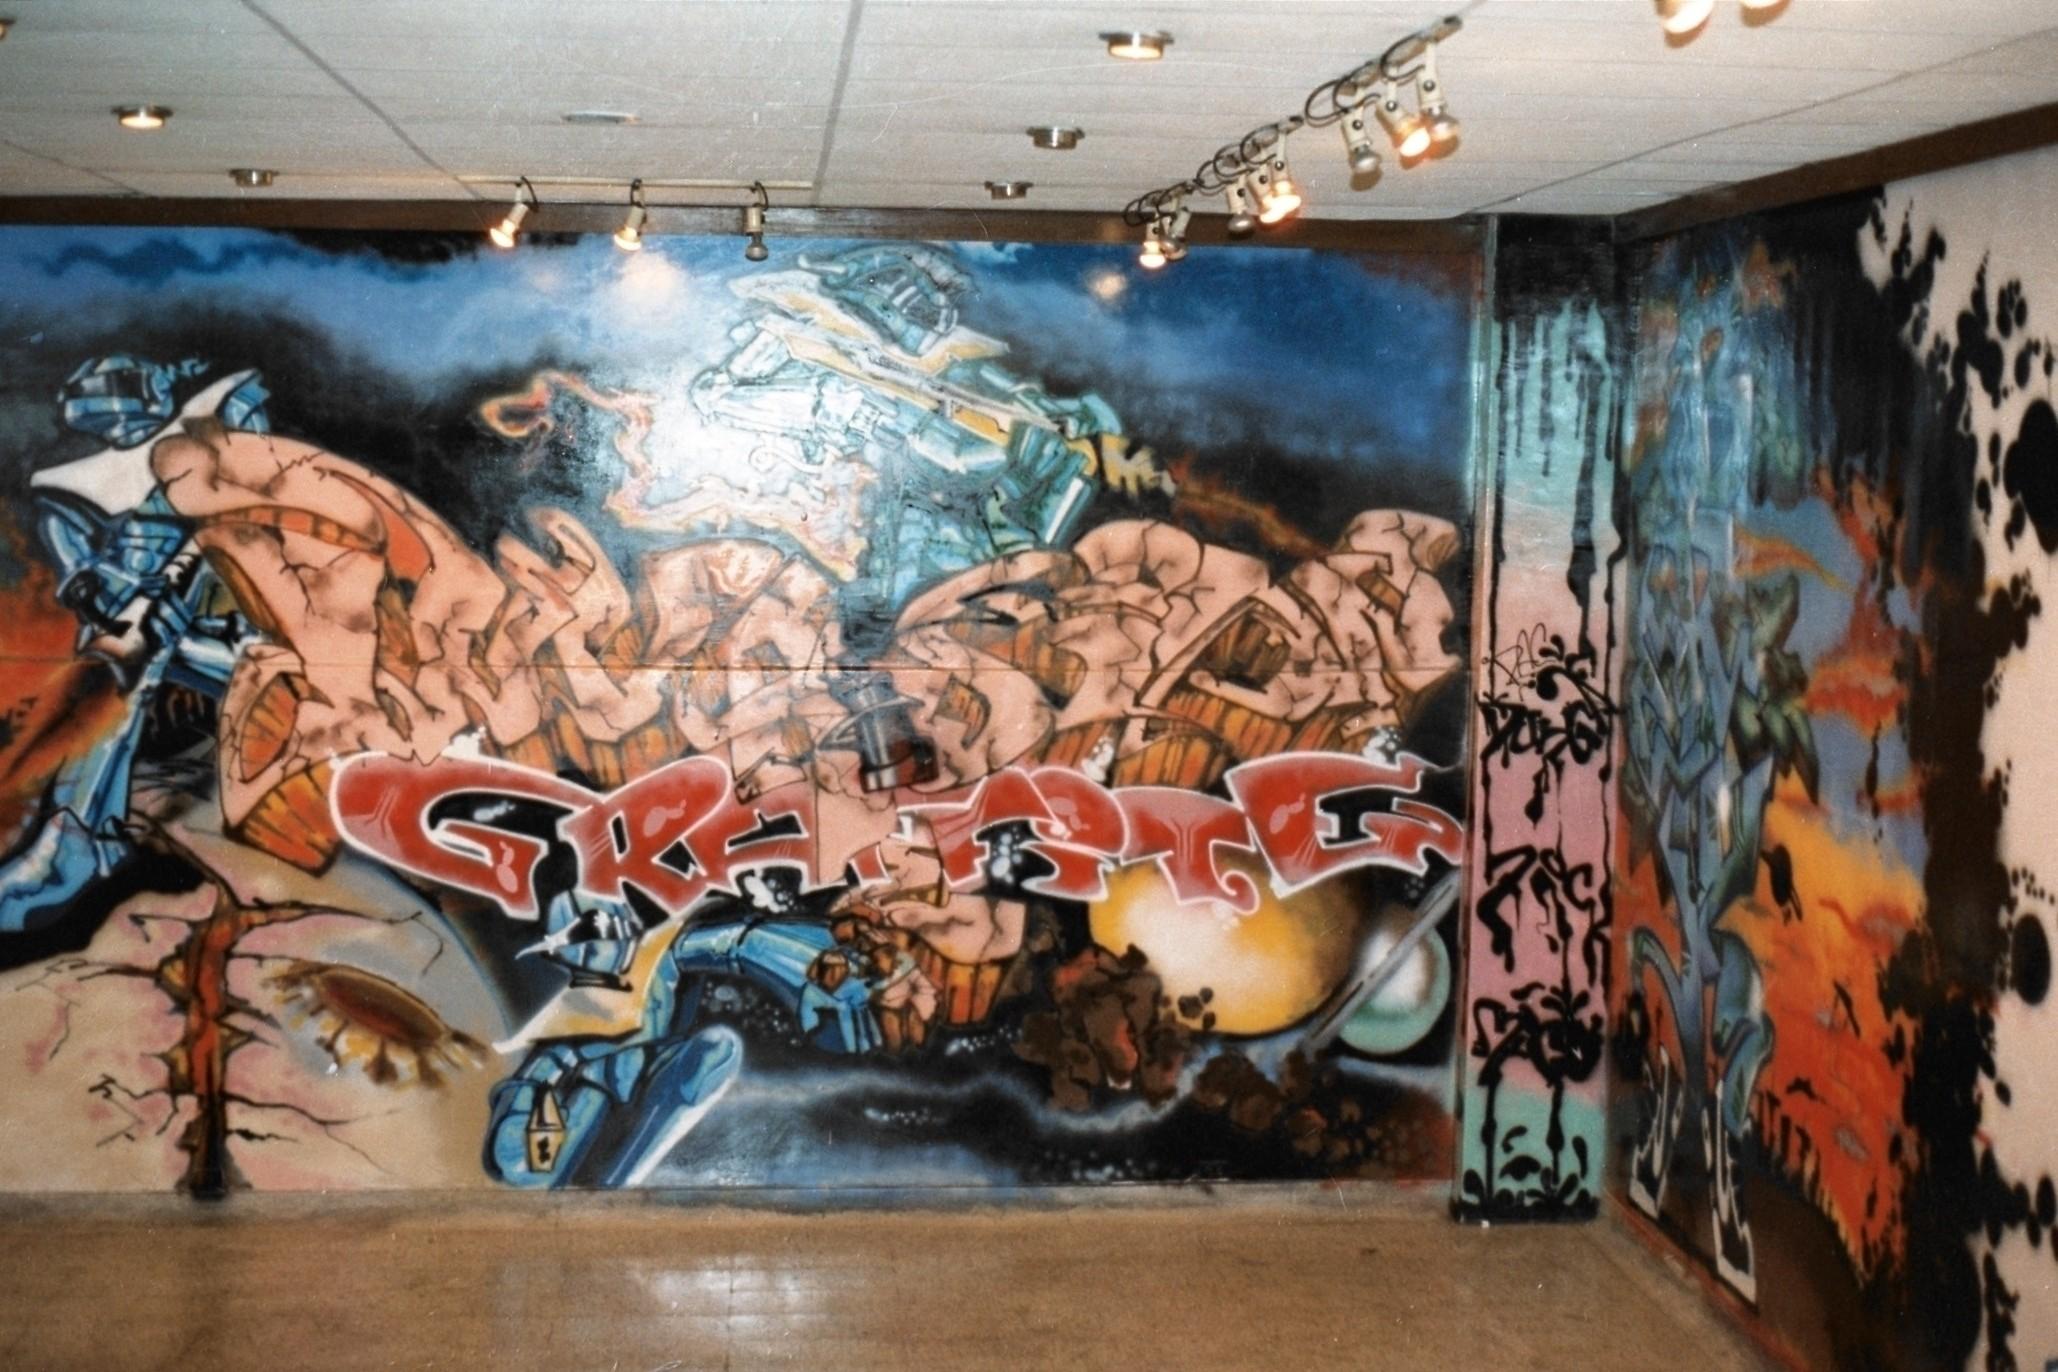 graffit_mision_graffite_por_el_mico_pick_y_pac_dunga_para_el_primer_congreso_de_hip_hop_en_medellin._fotografia_archivo_personal_alejandro_vill.jpg